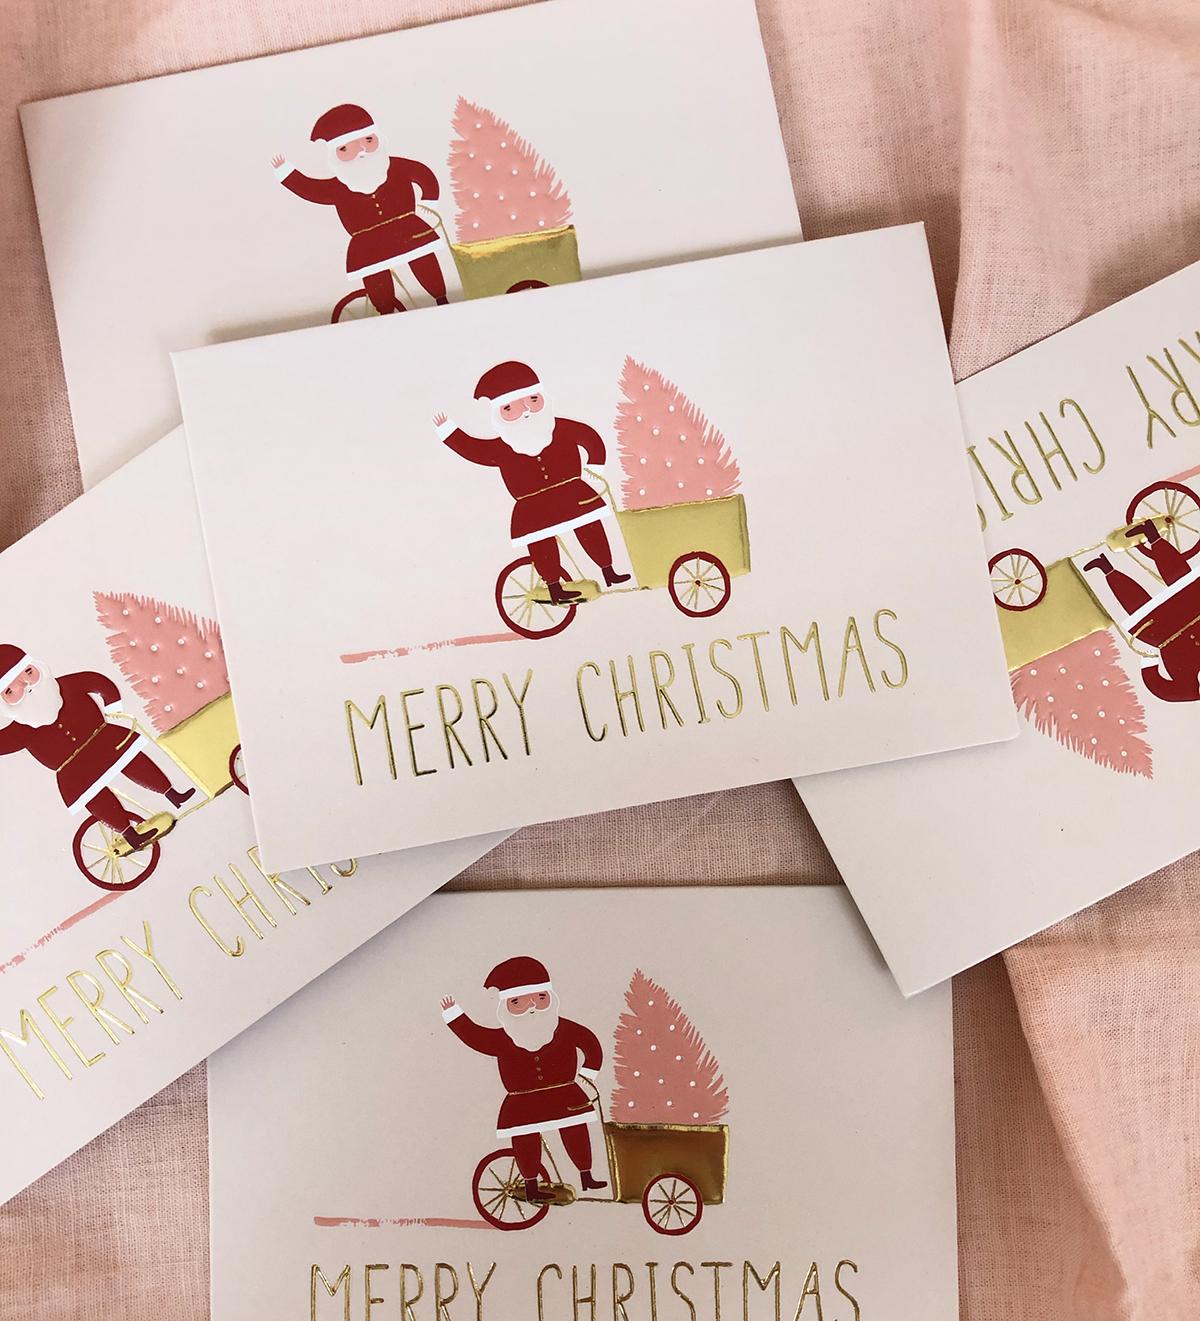 Hema Christmas 2019